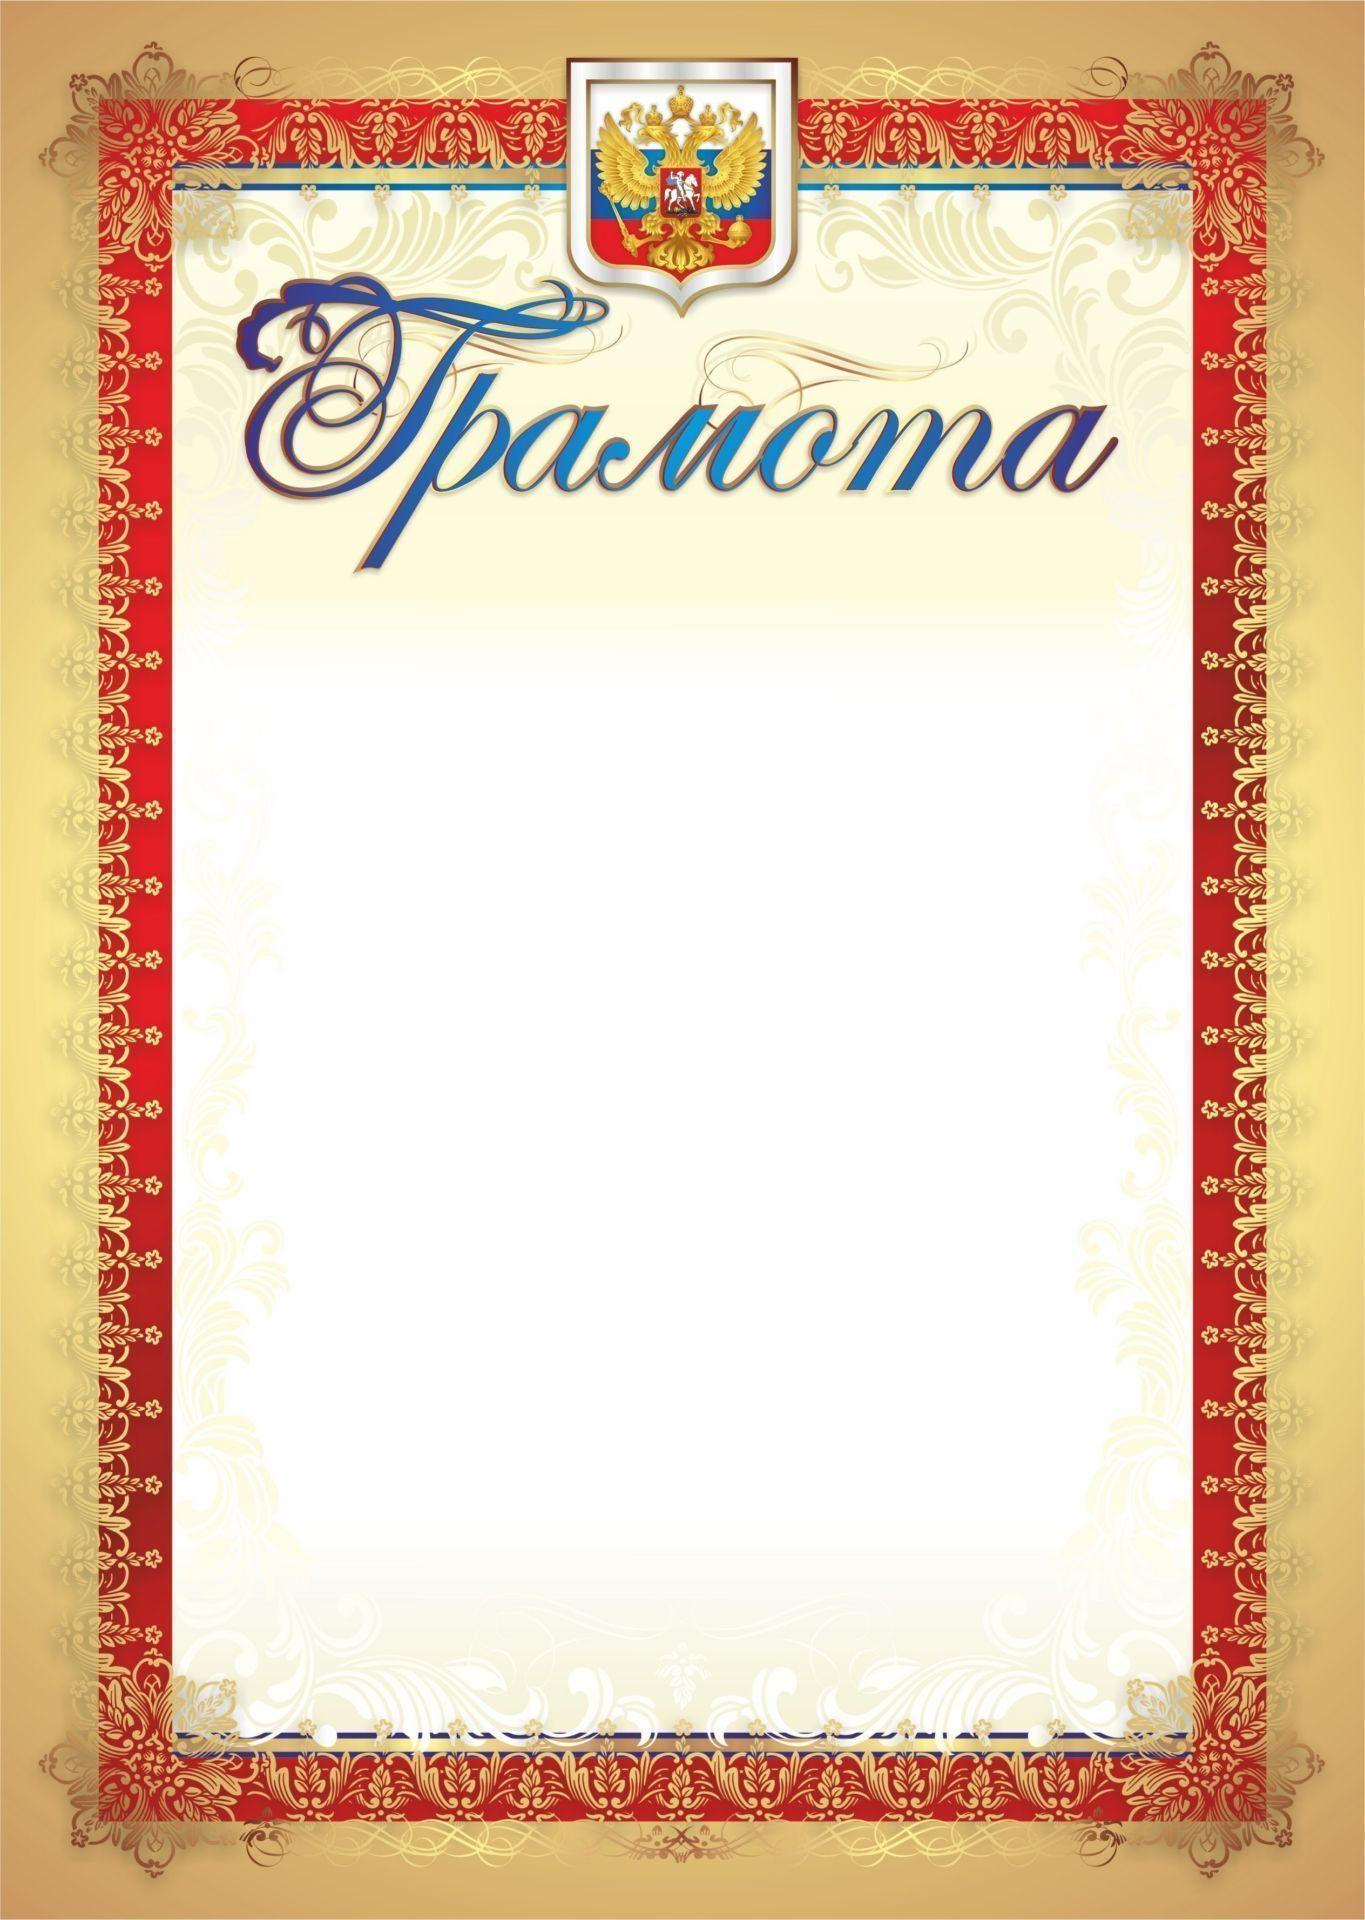 Грамота (с гербом и флагом, вертикальная)Общего назначения<br>Материалы:на обложку - картон мелованный, пл. 250.00.<br><br>Год: 2017<br>Высота: 297<br>Ширина: 210